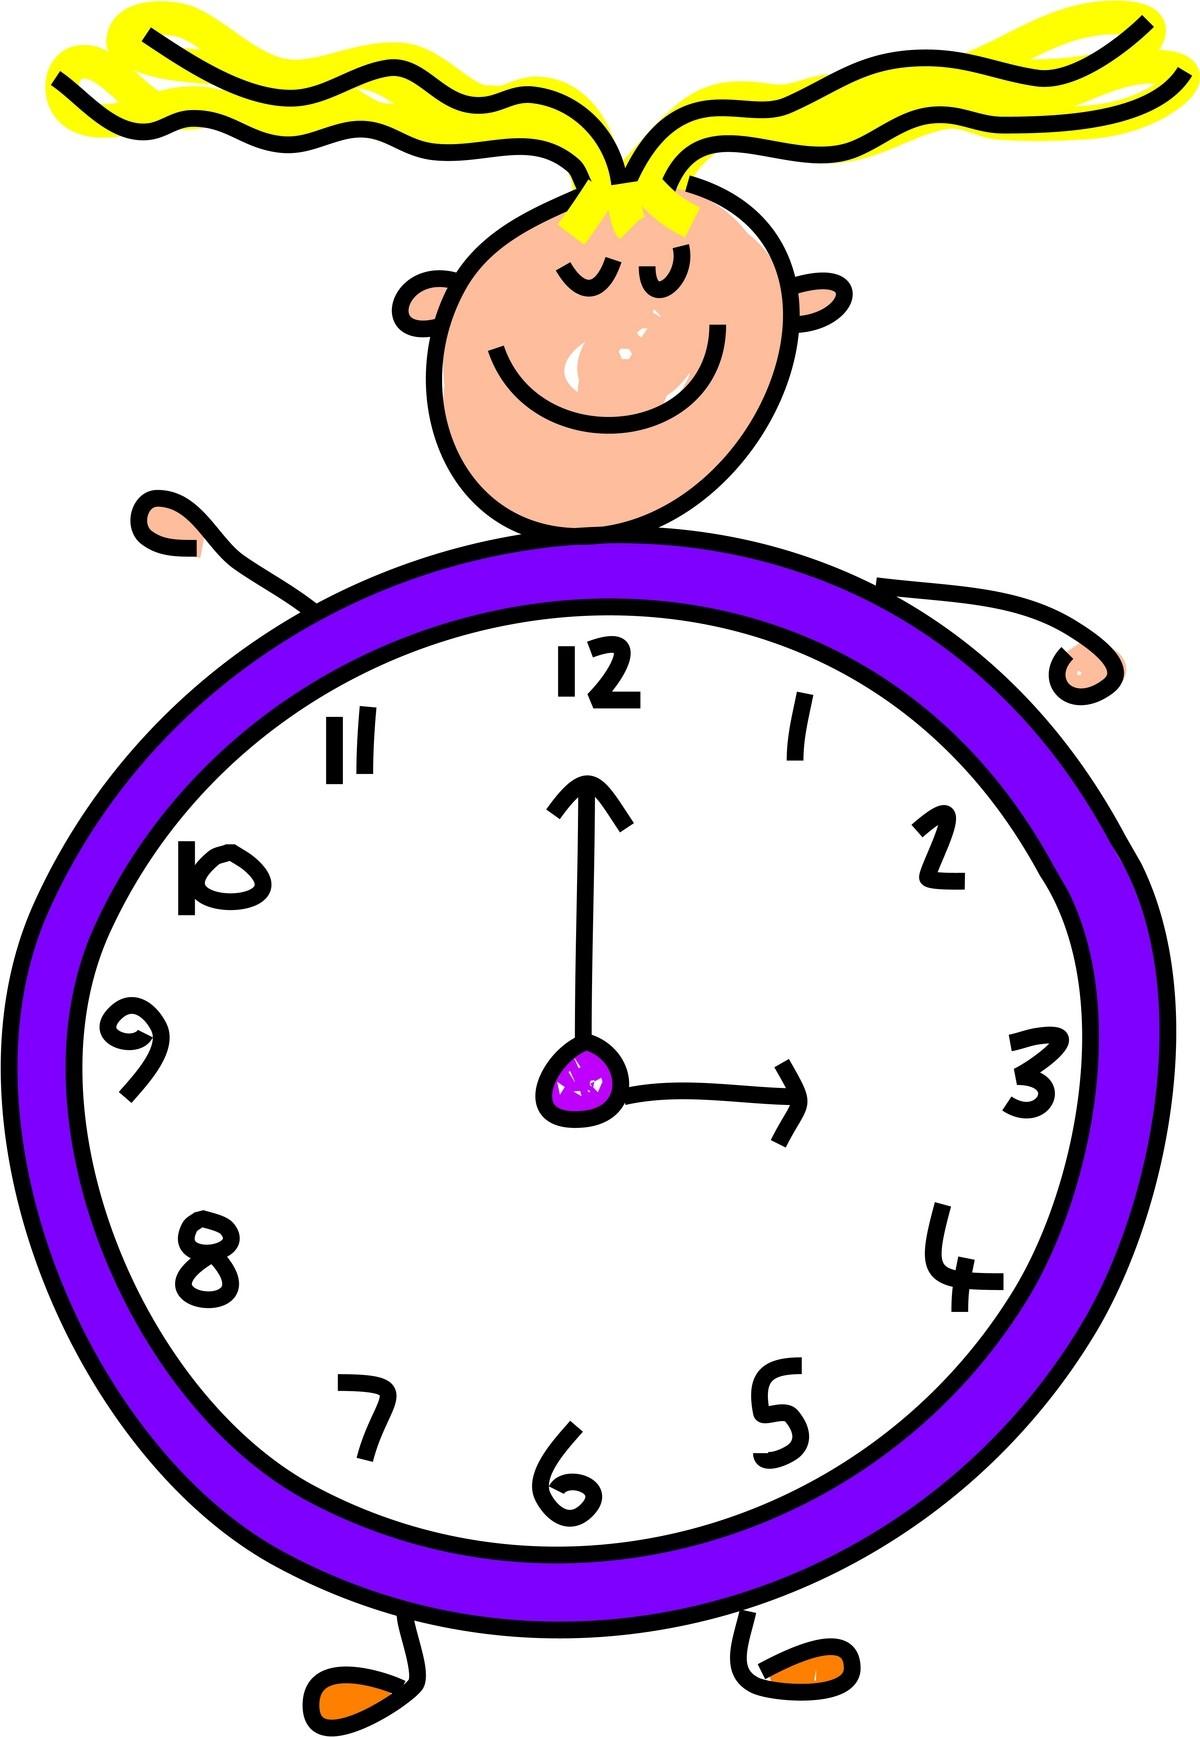 Nap Time Clip Art - Cliparts.coNap Time Clip Art Images